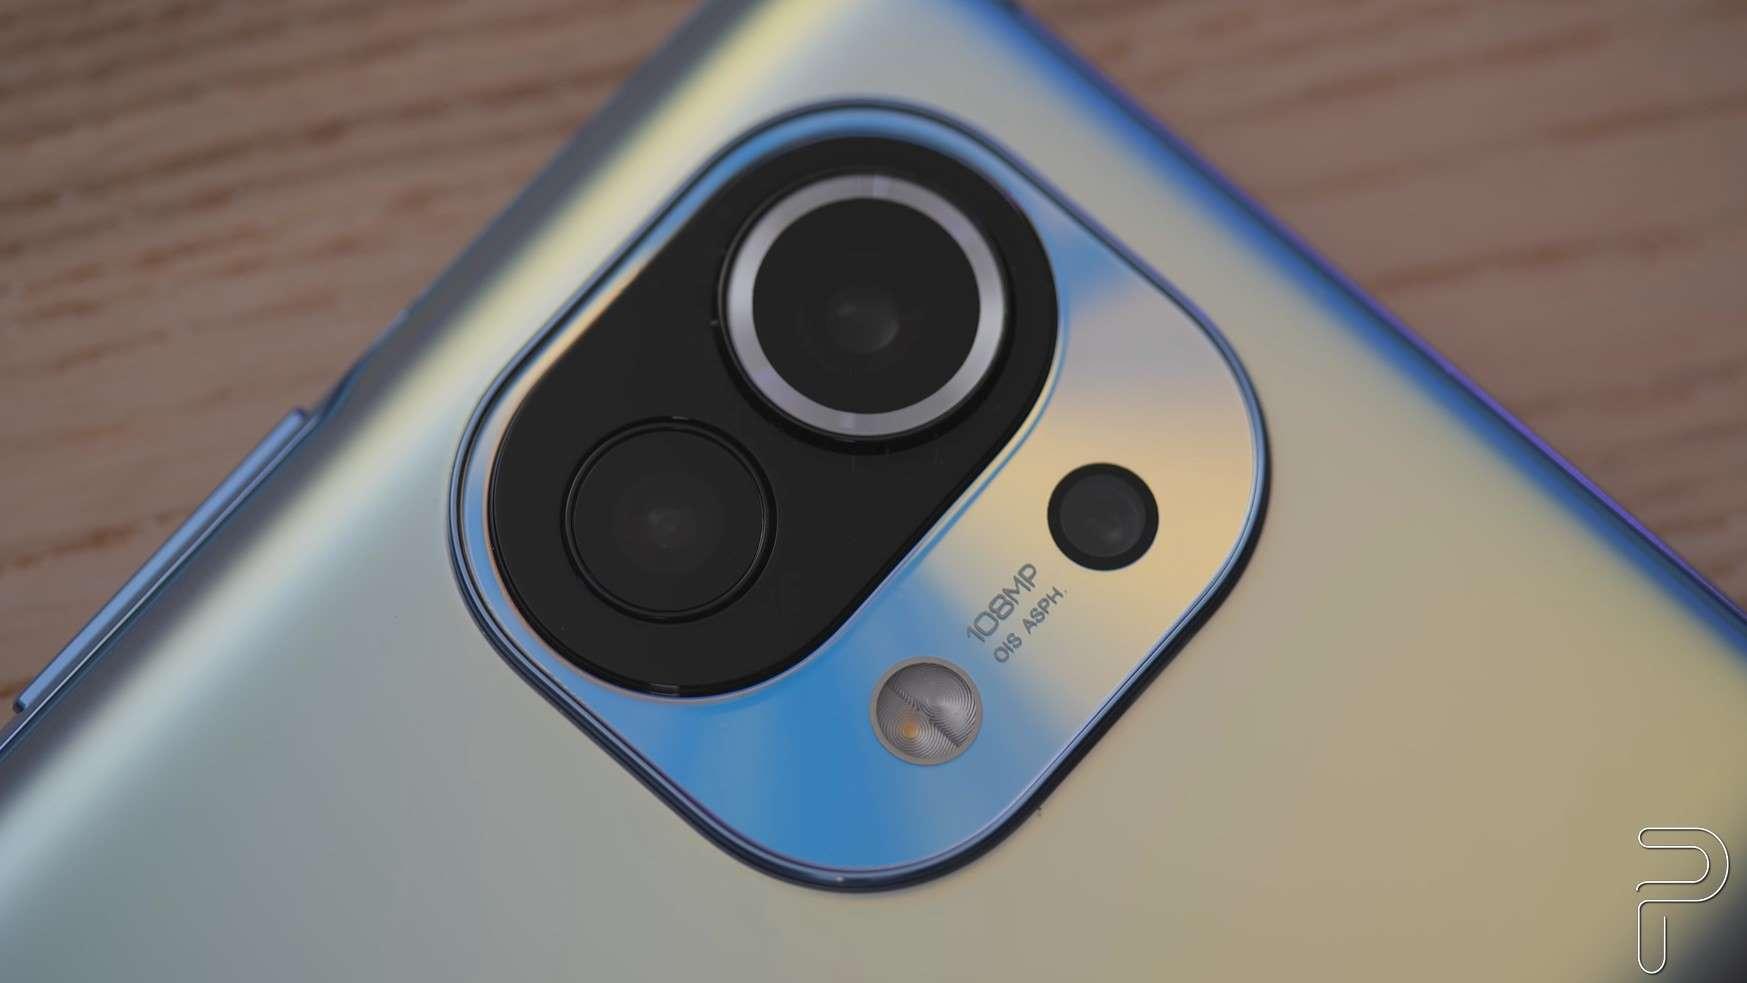 گوشی هوشمند با دوربین ۲۰۰ مگاپیکسلی